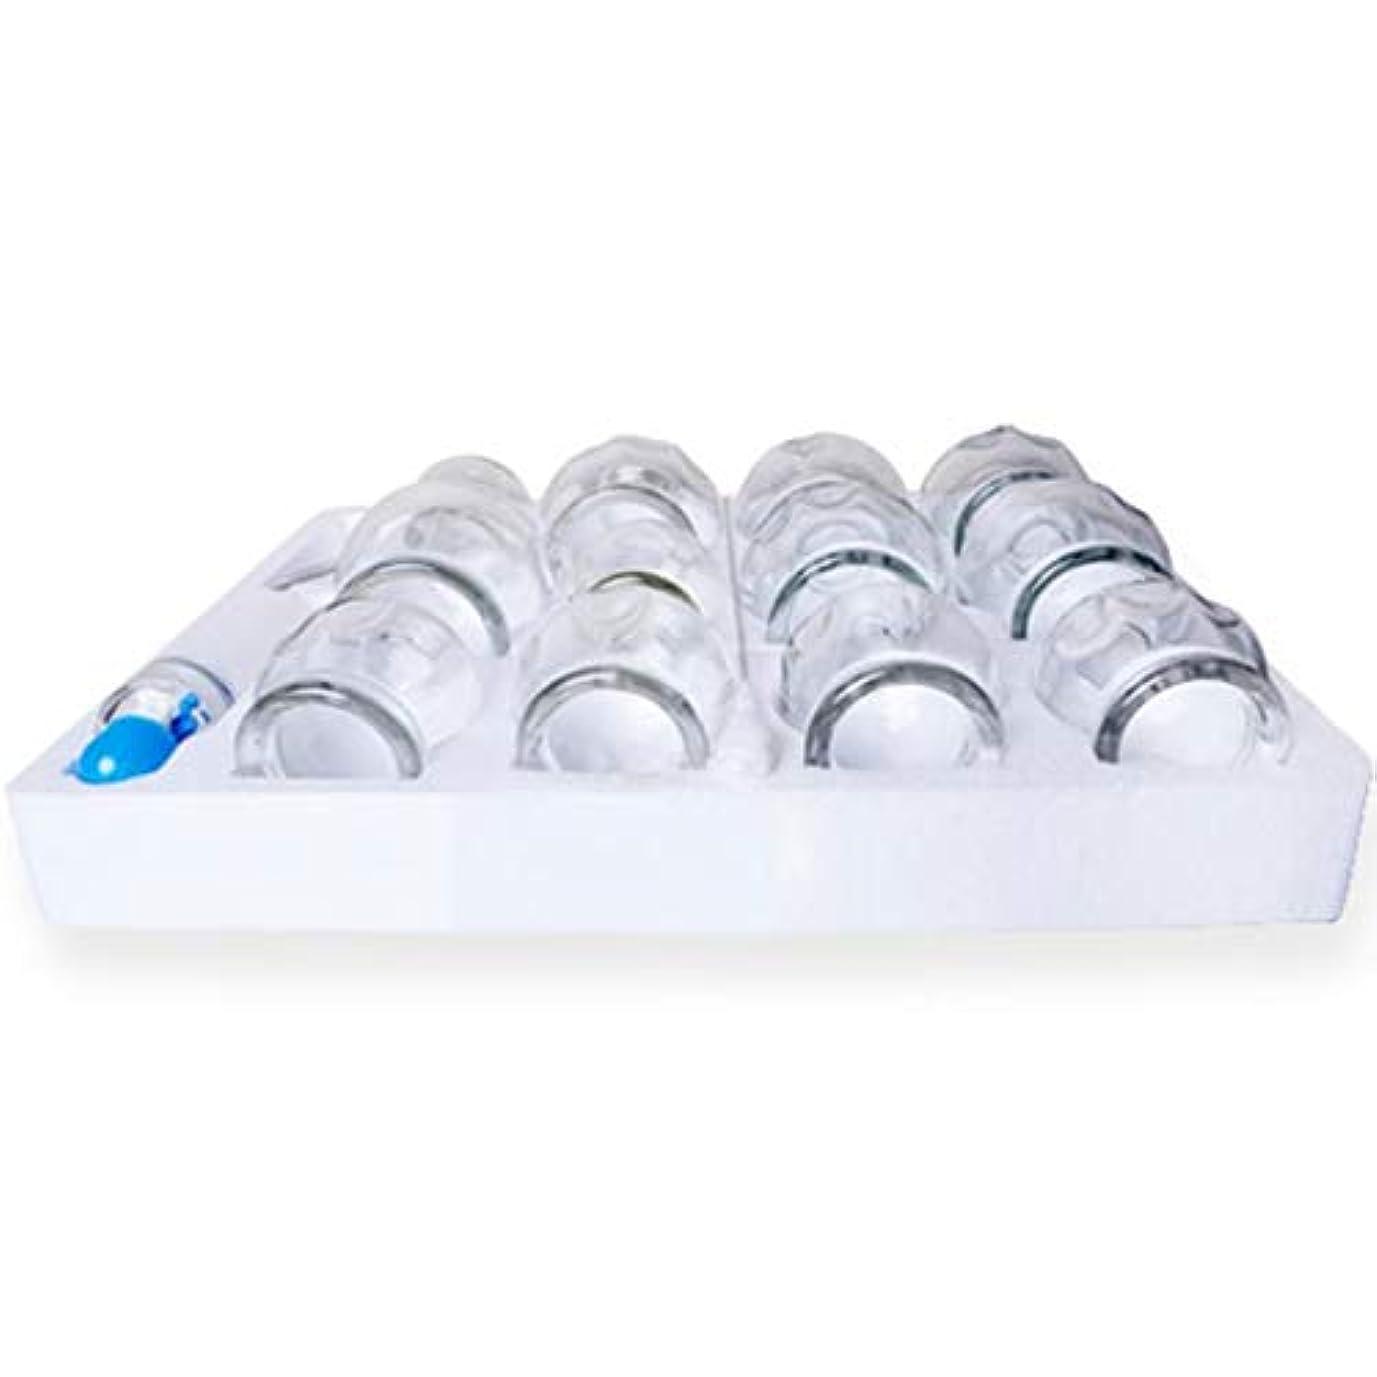 必要とする製造テントフィンガーグリップ付きガラス火災カッピングジャー8,12,16個厚いガラスカッピングセット(アルコールを除きます) (Size : 12pcs)